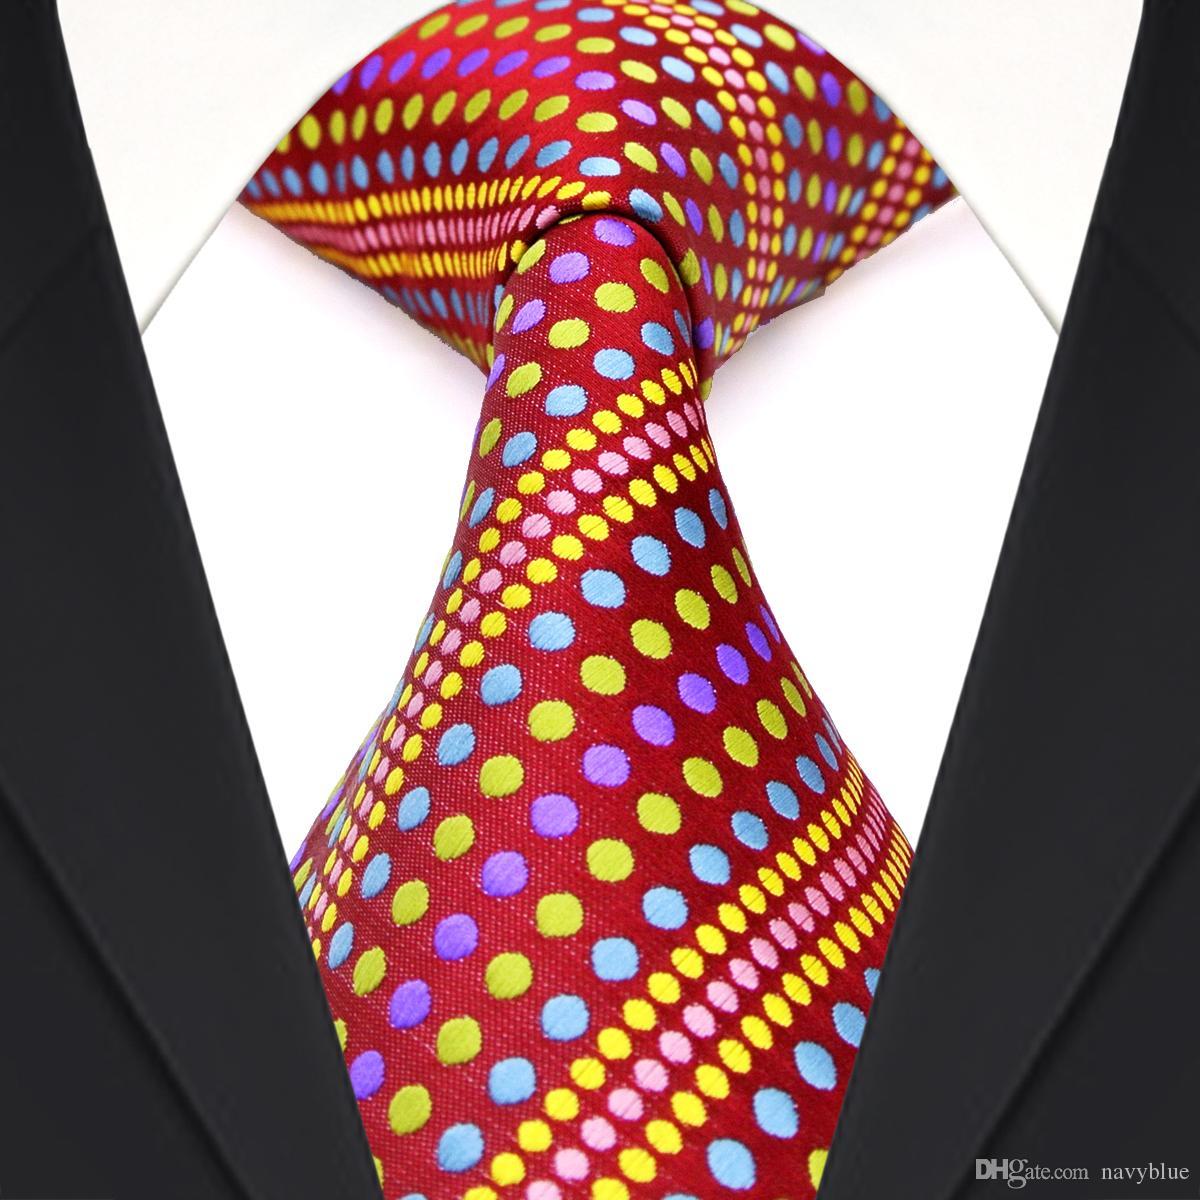 385a6f5076786 Acheter Livraison Gratuite F4 Rouge Multicolore Coloré À Pois Rayures  Hommes Cravates Cravate 100% Soie Jacquard Tissé Unique De  4.82 Du  Navyblue